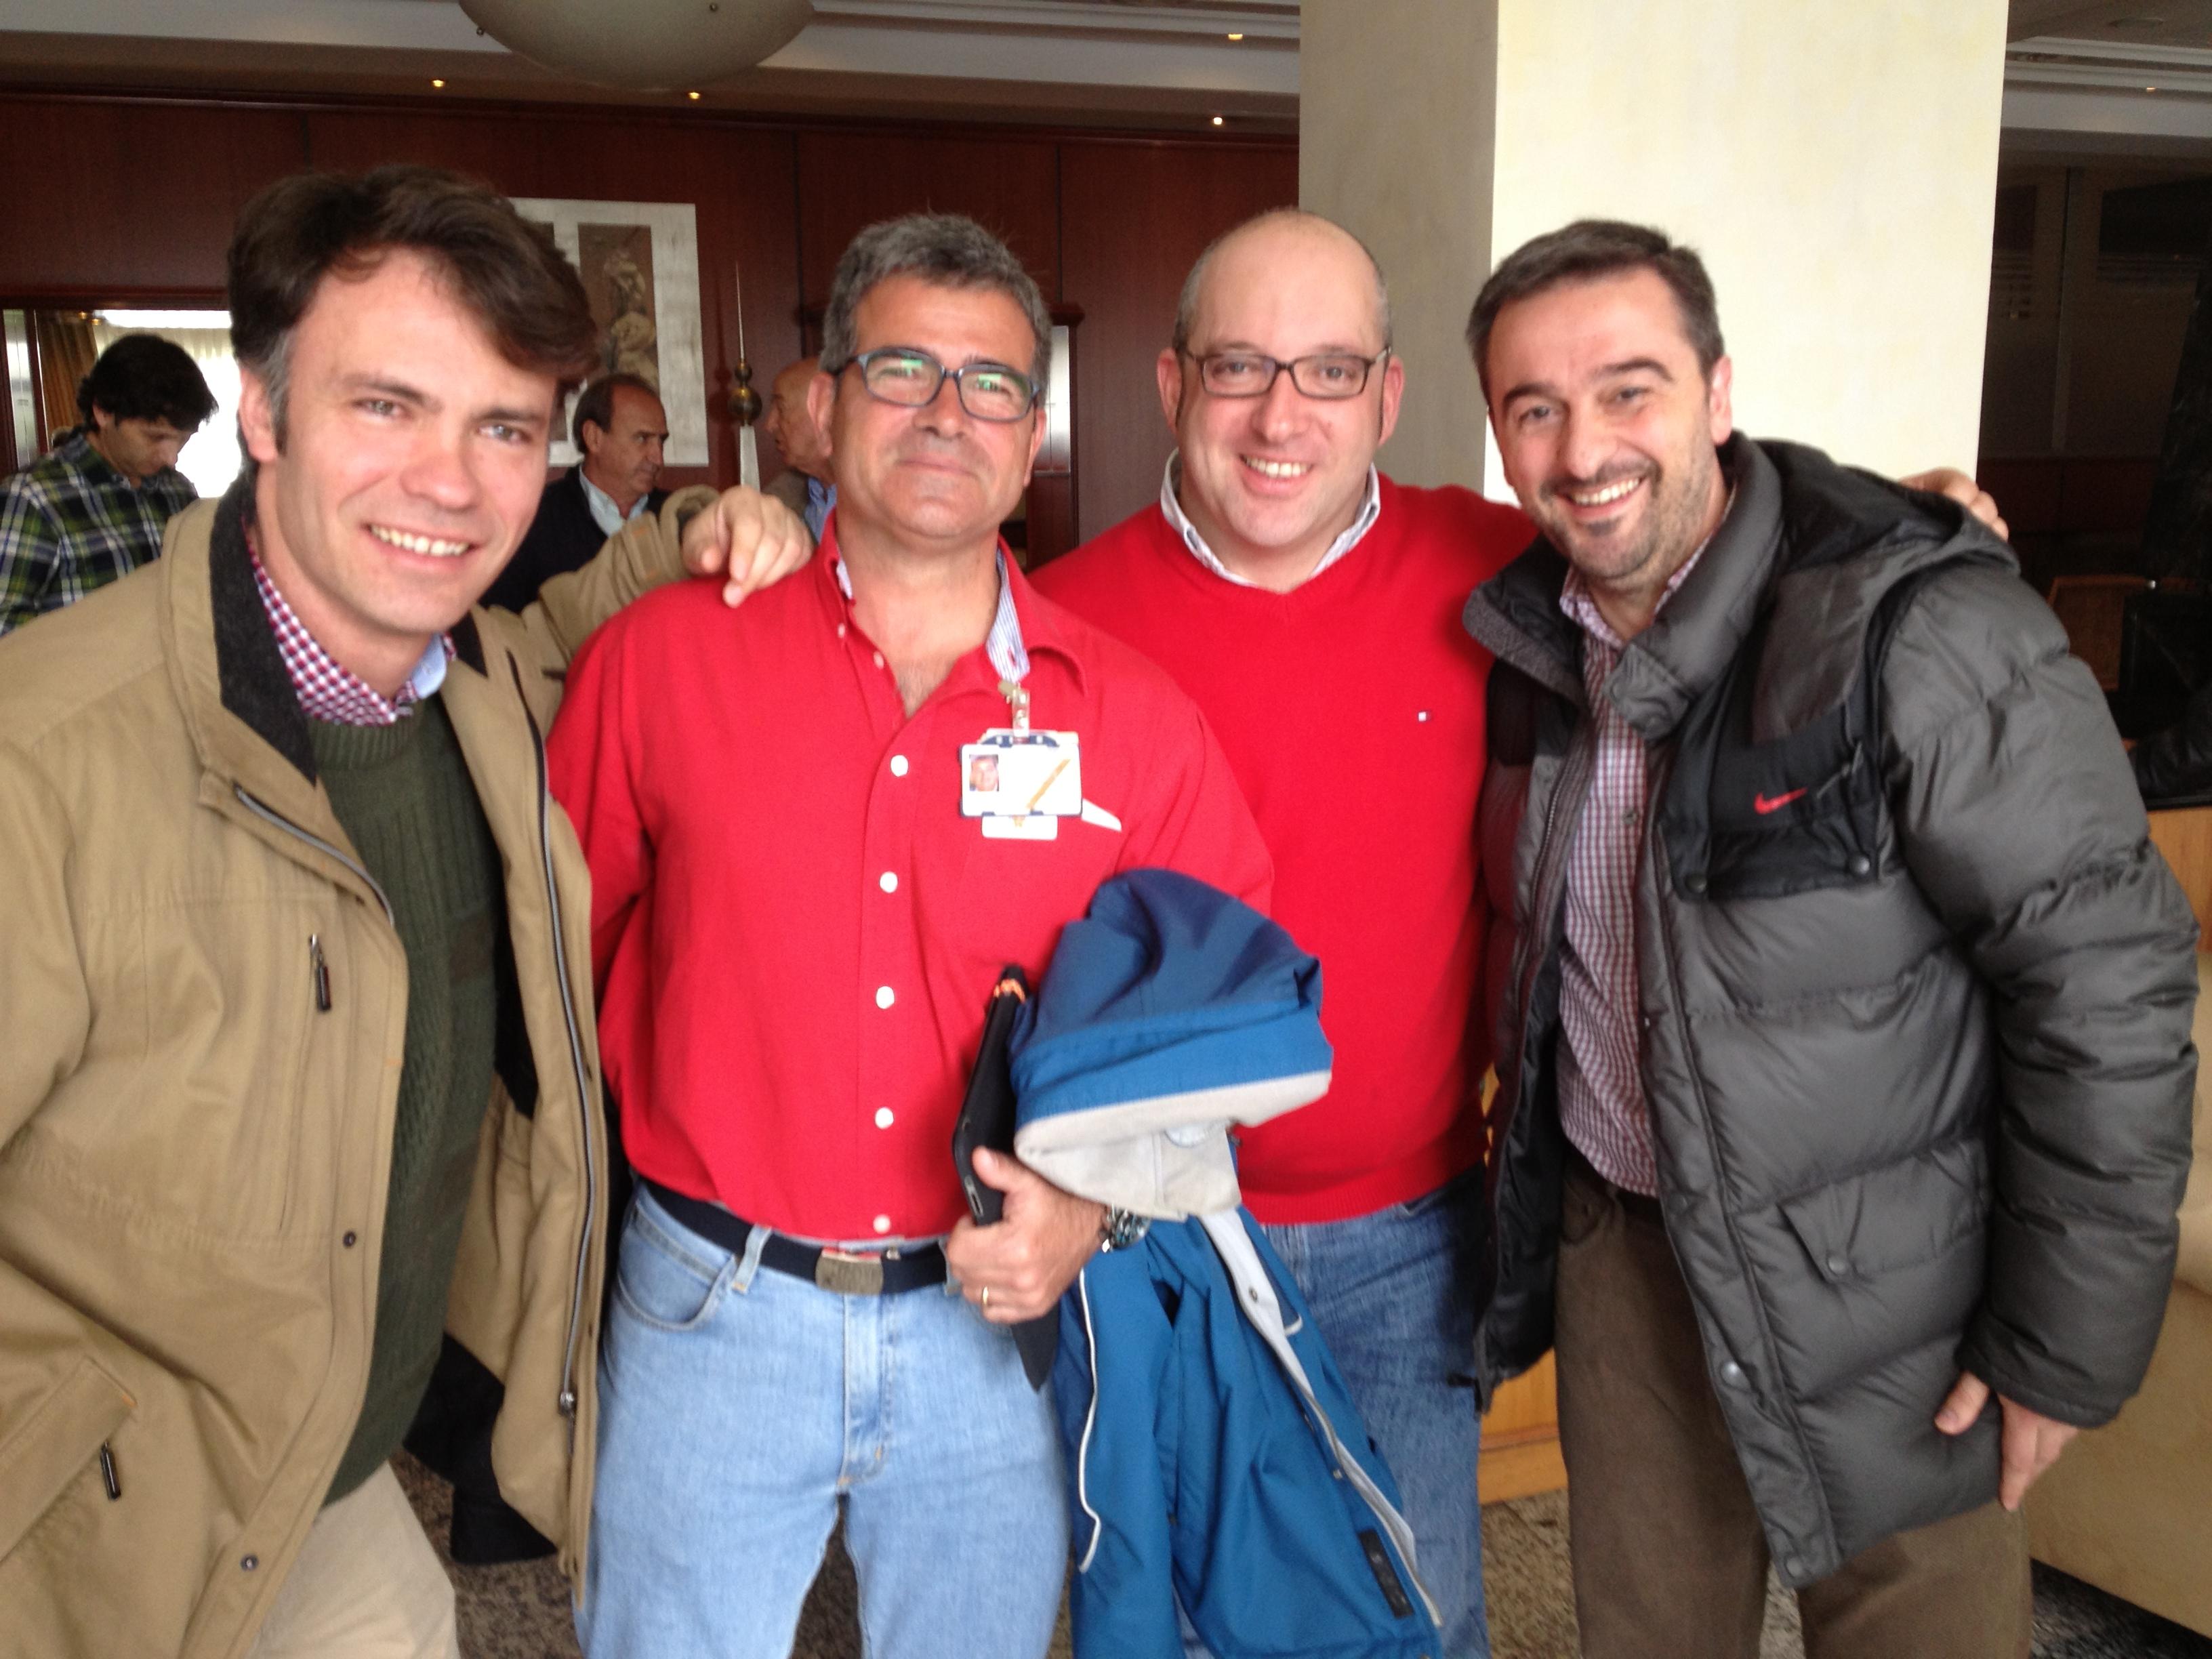 Cuatro jefes de la Vocalía: Álvaro Gammicchia, Gonzalo Martínez de Abellanosa, Juan Carlos Lozano y Ariel Shocrón